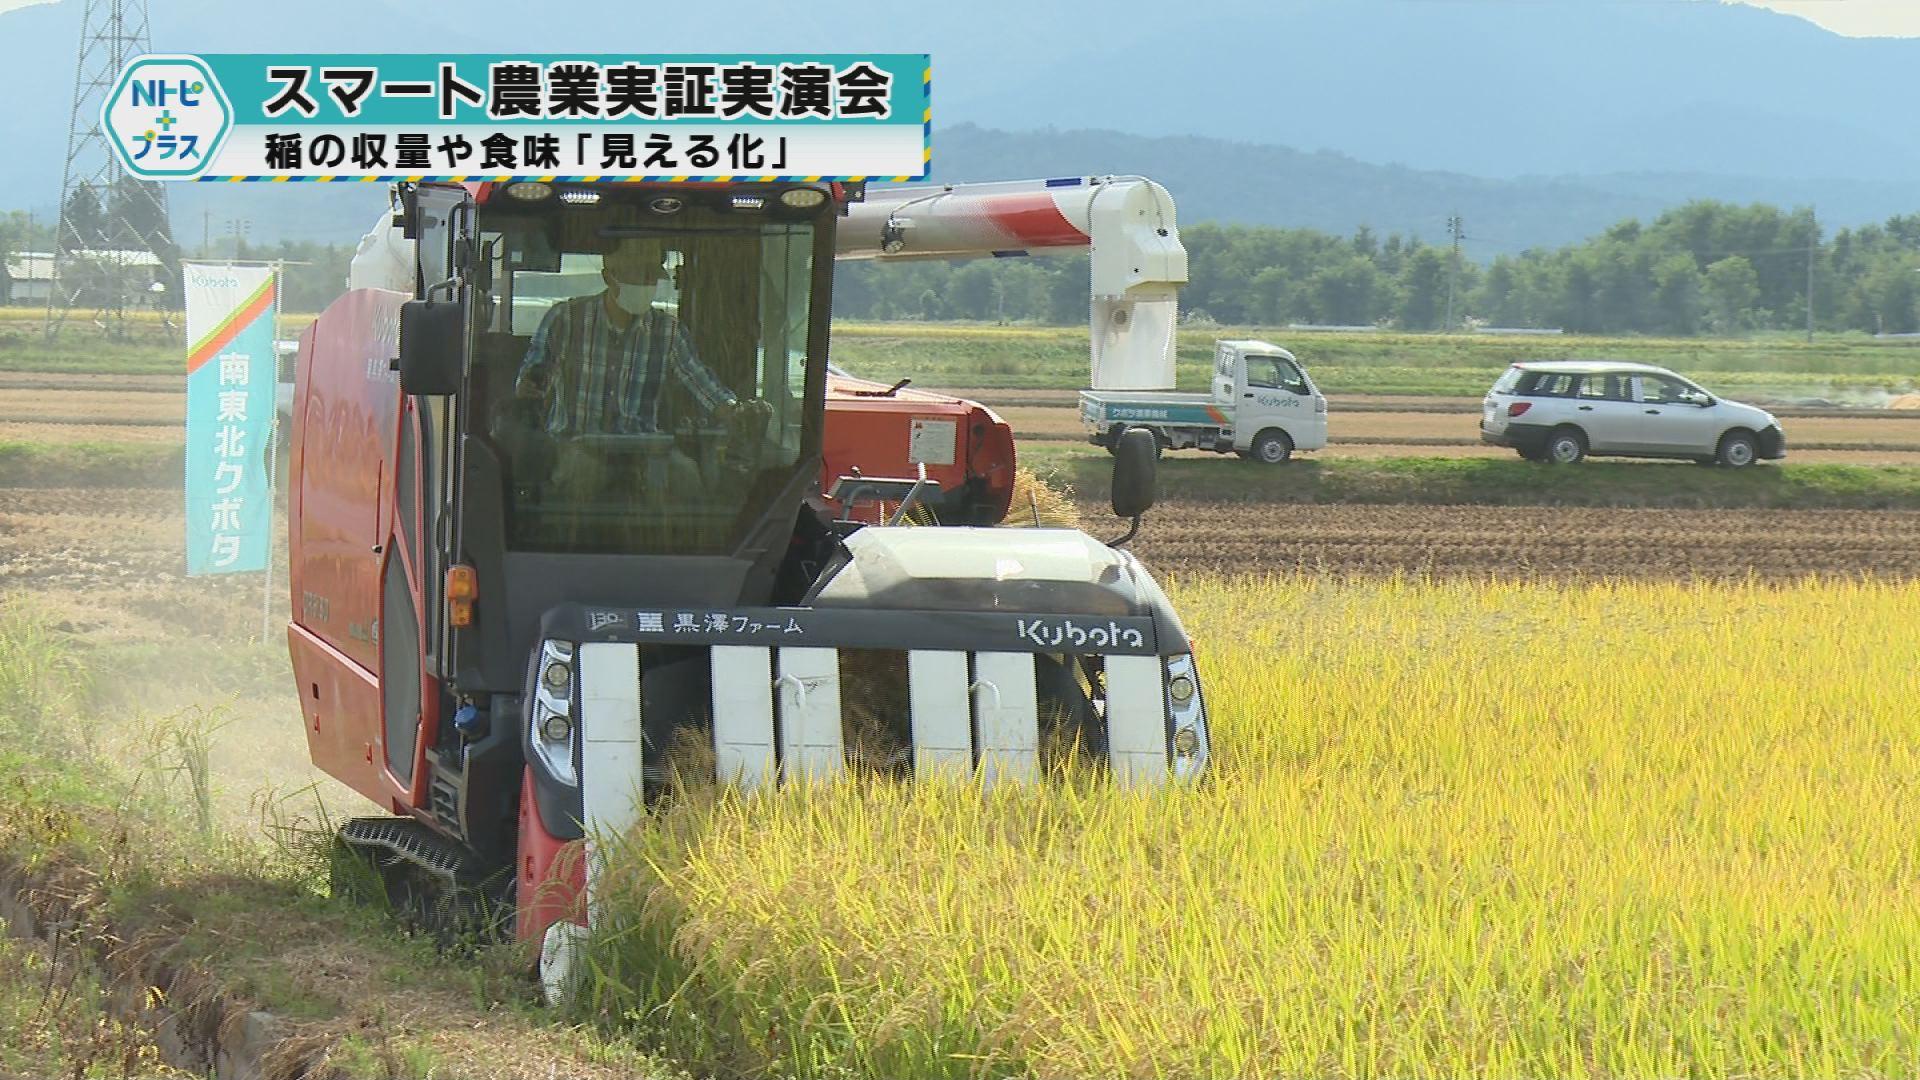 「スマート農業実証実演会」稲の収量や食味「見える化」